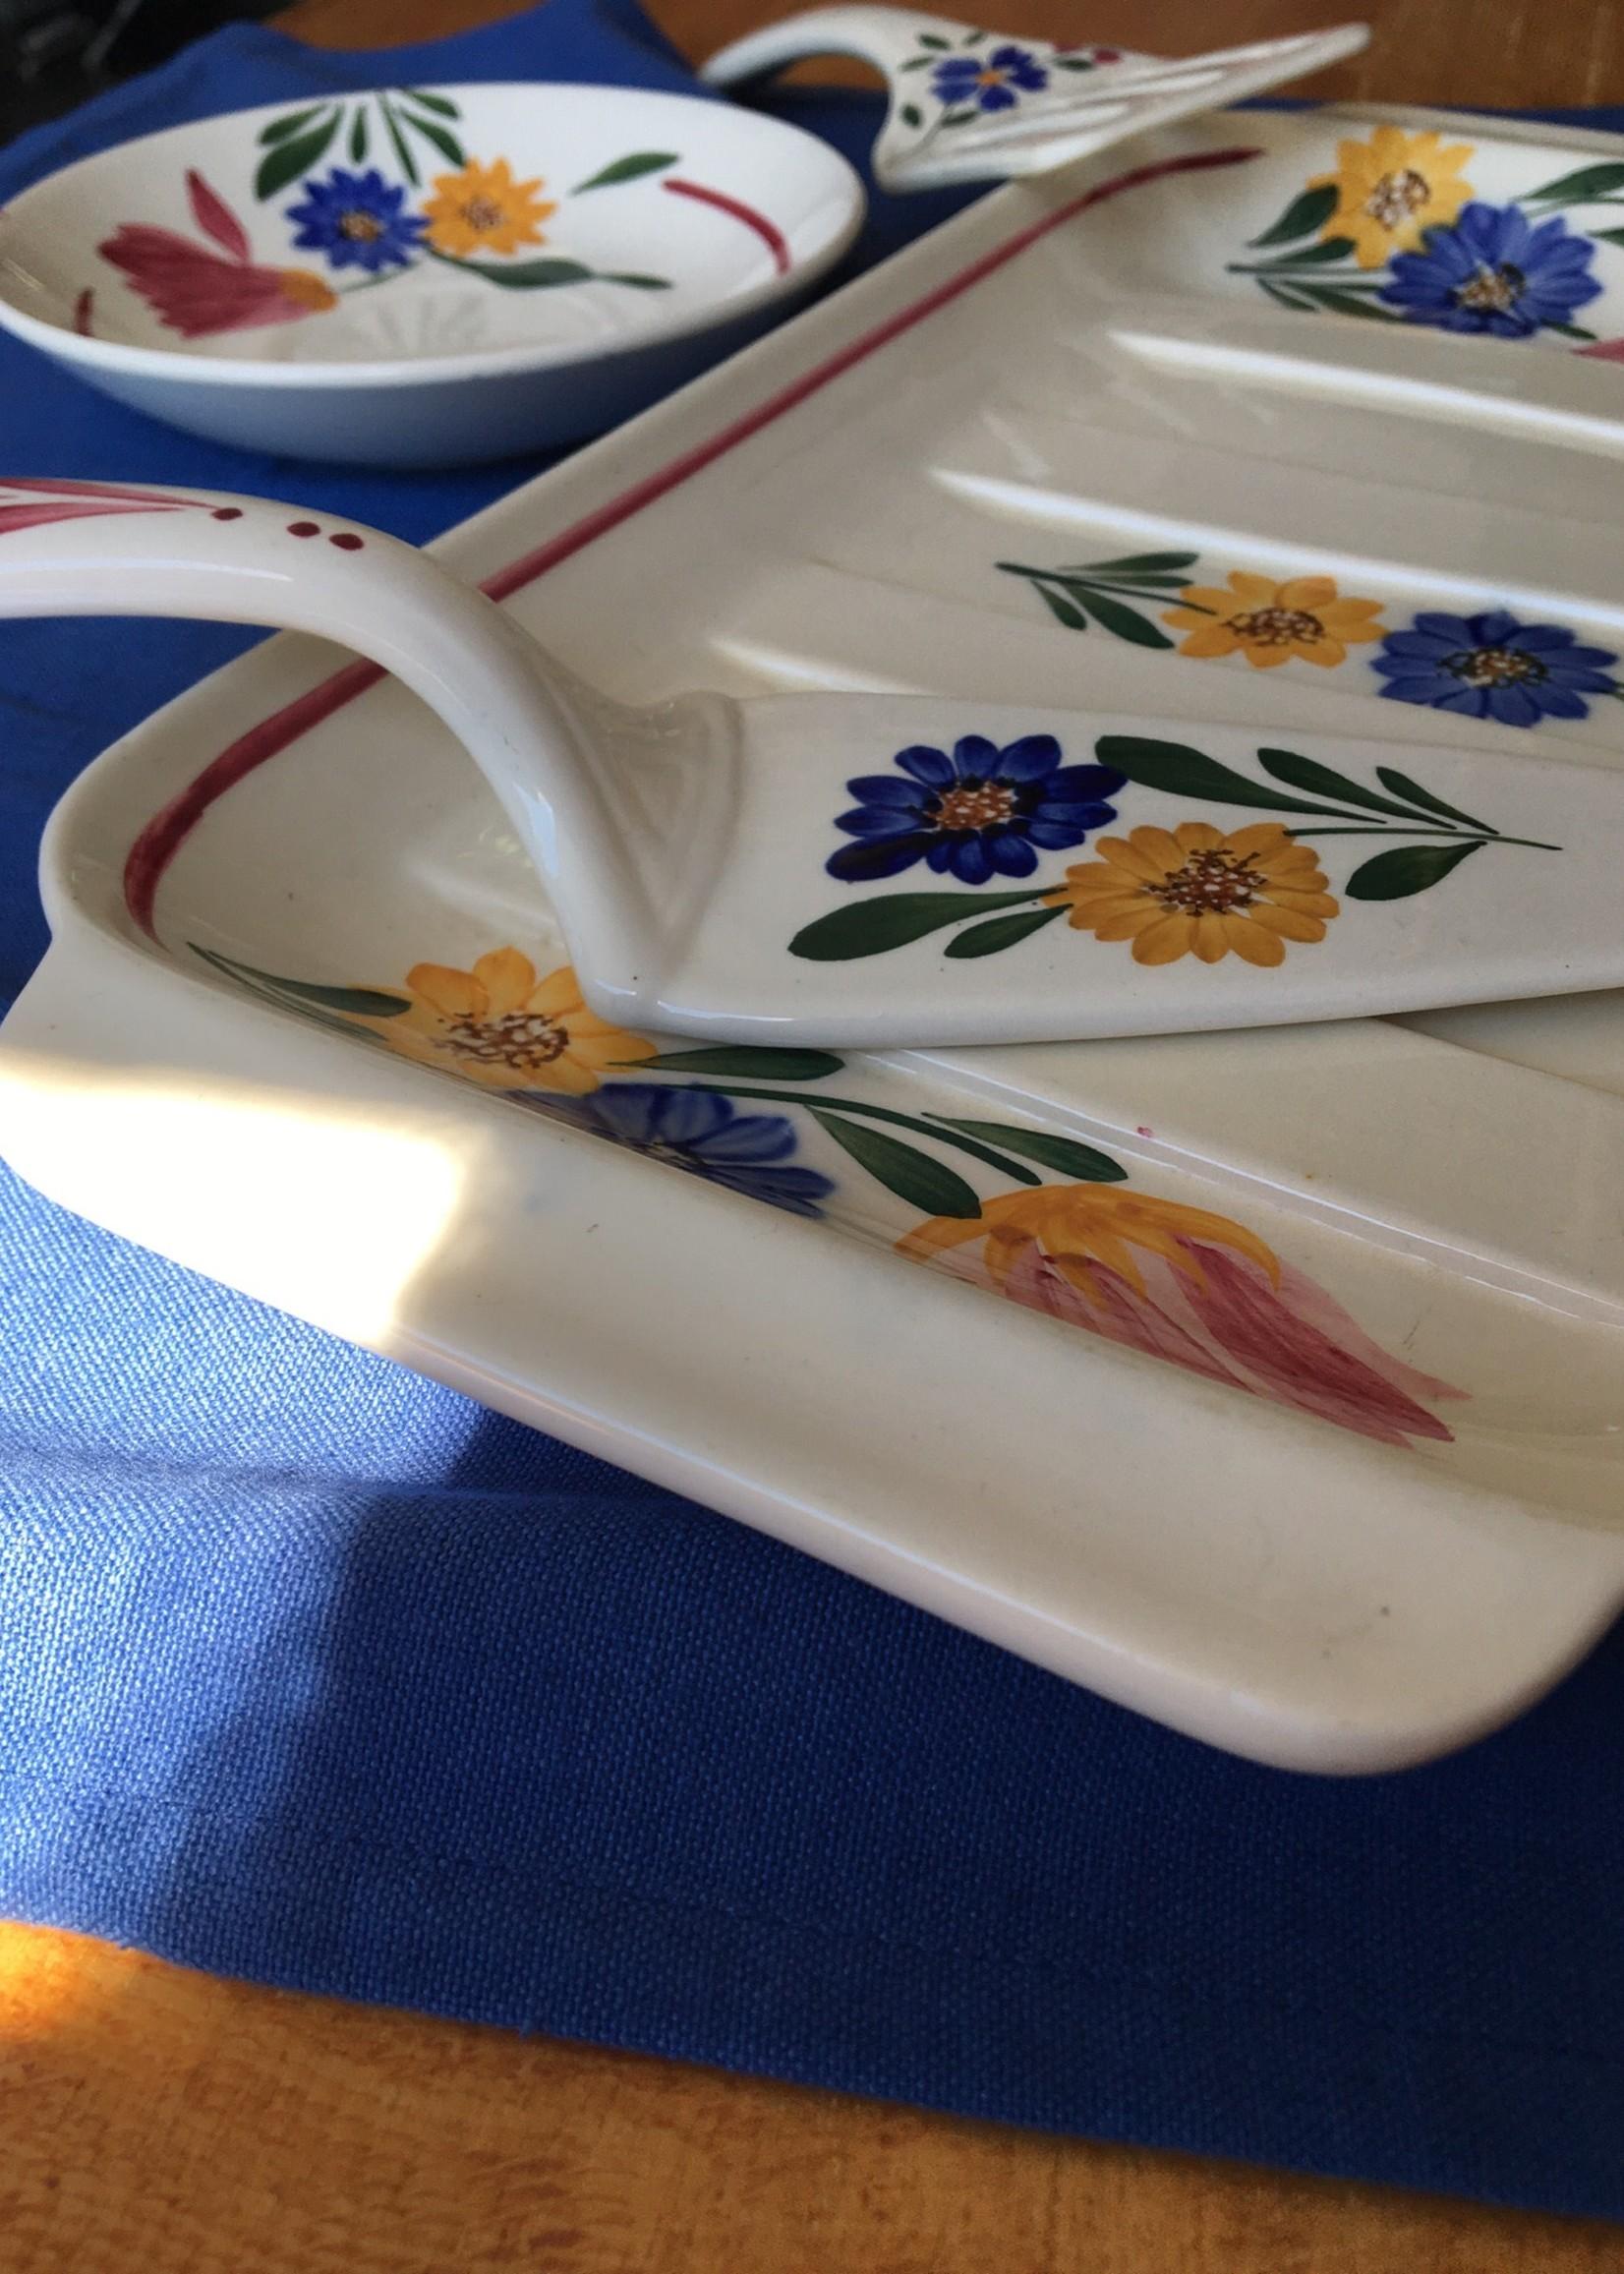 Floral dessert set Selestat by Sarreguemines